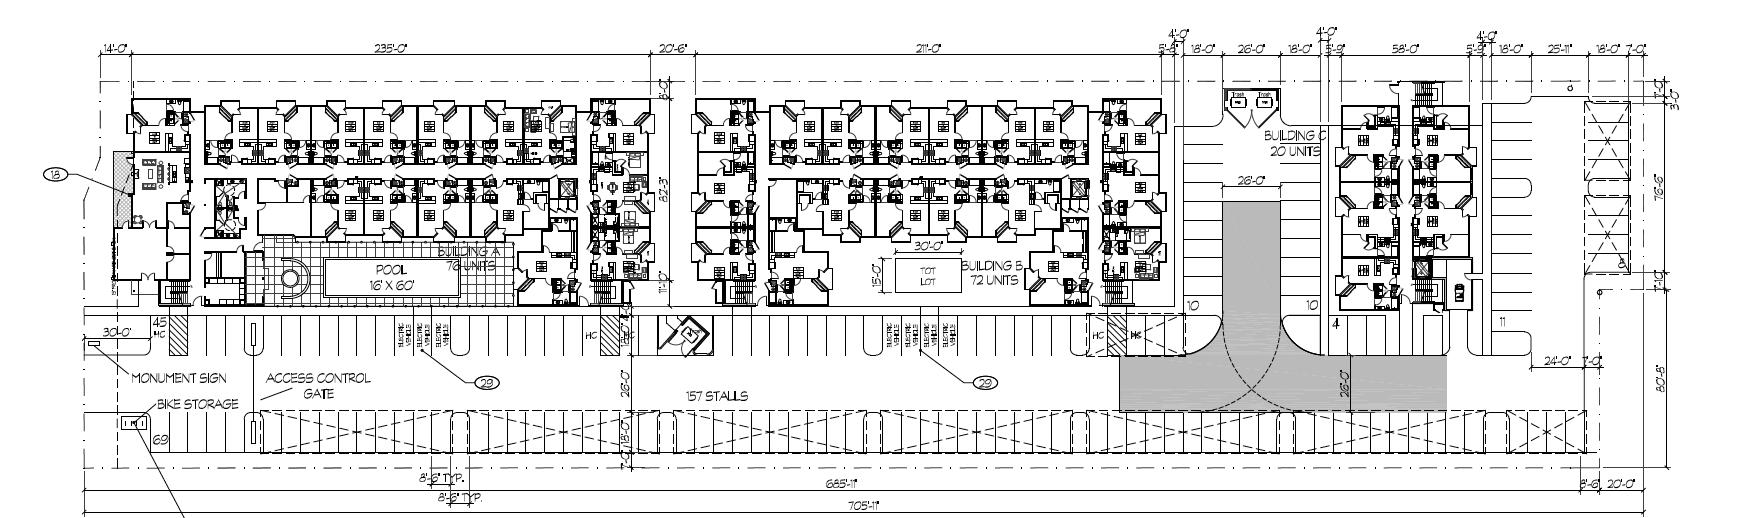 site plan north temple flats building salt lake site plan north temple flats